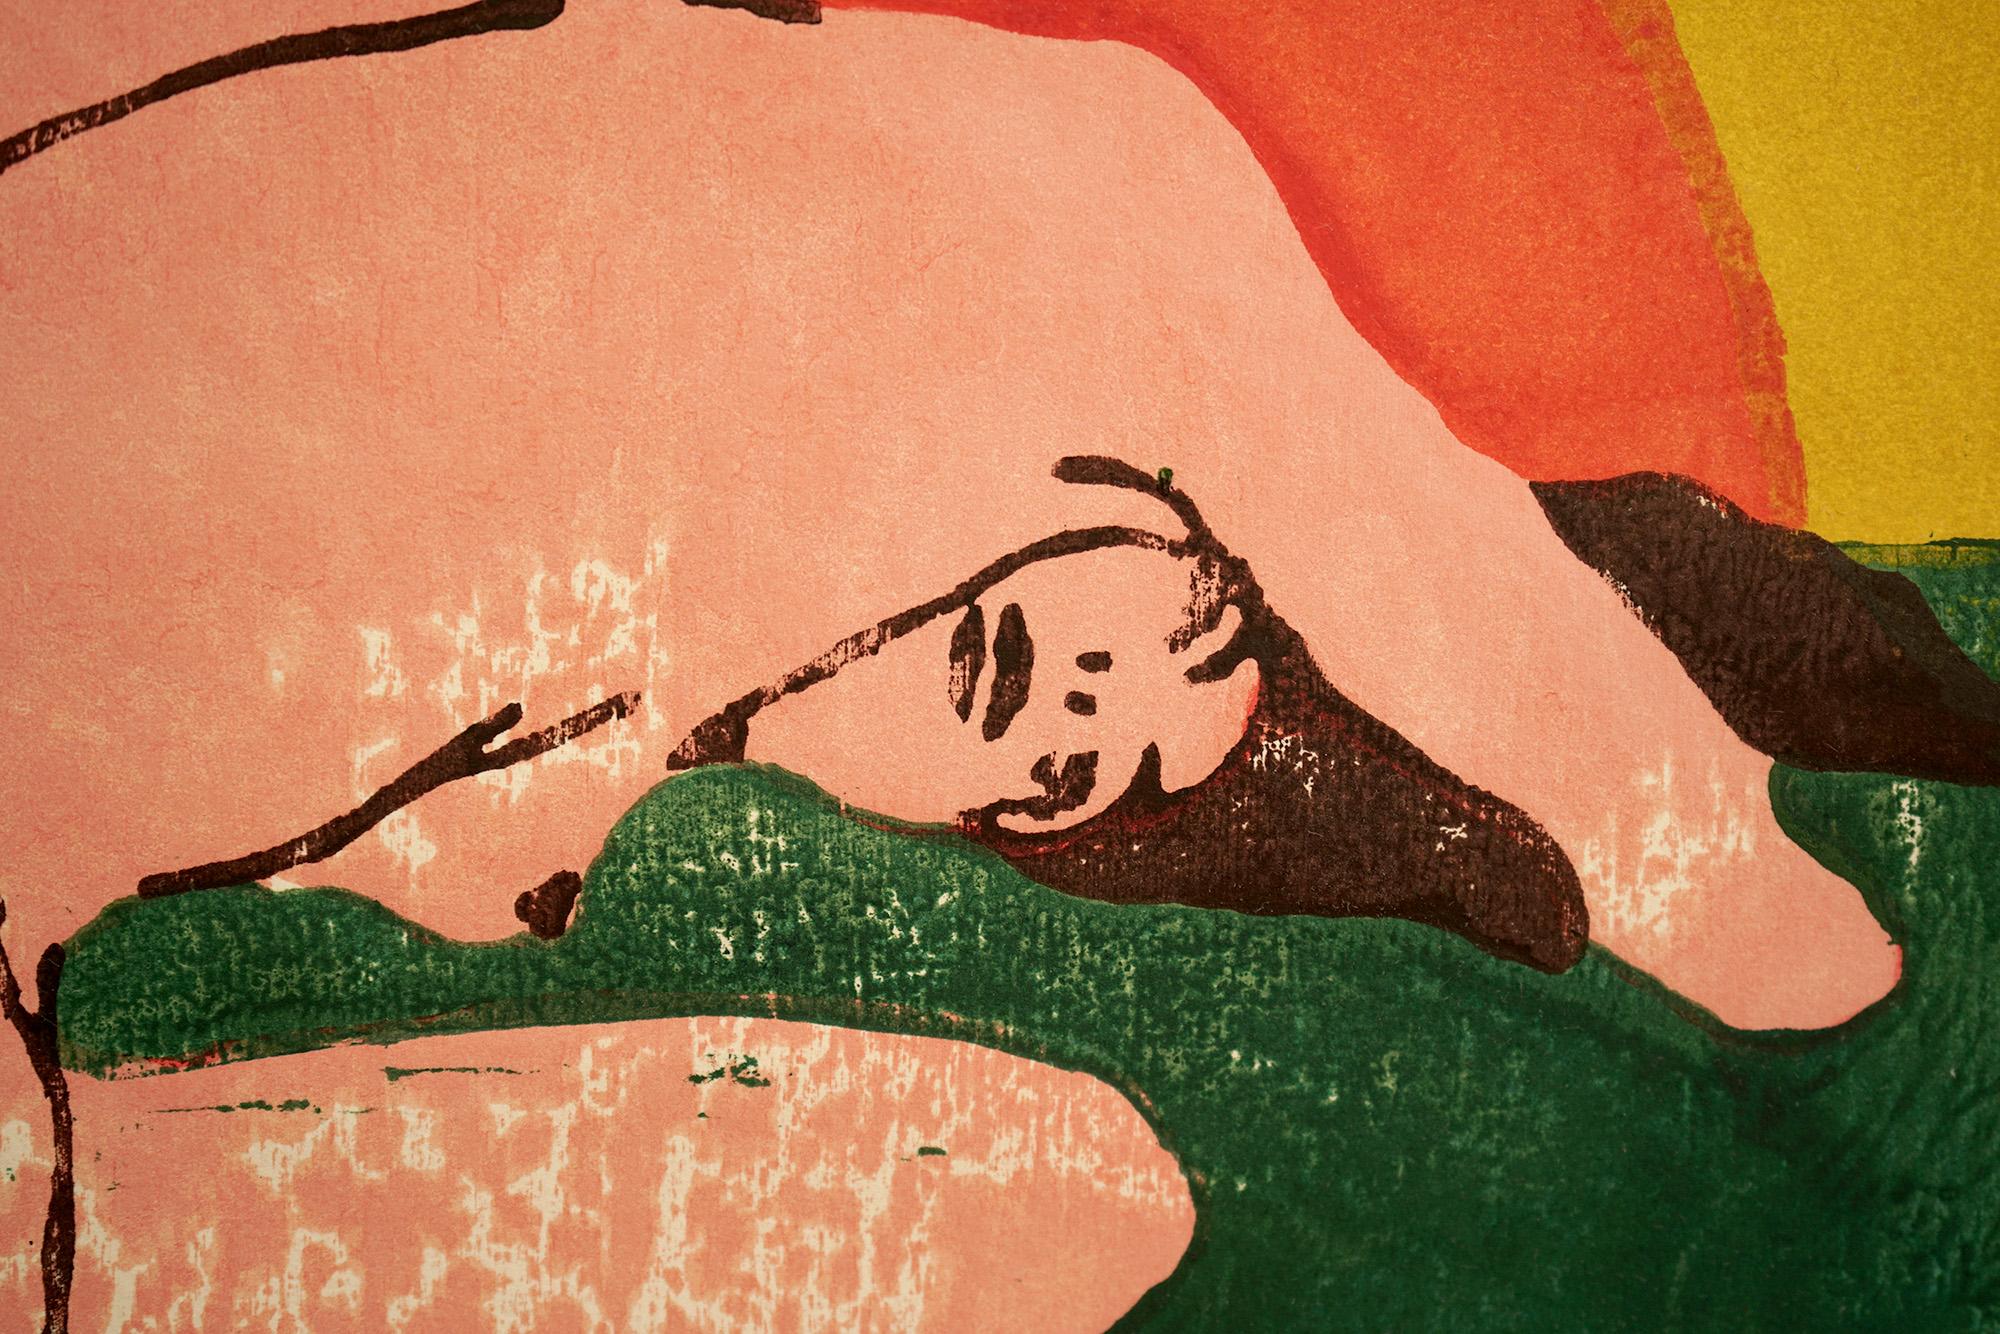 broken fingaz art painting saatchi gallery london street art graffiti unga tant deso haifa israel middle east nude